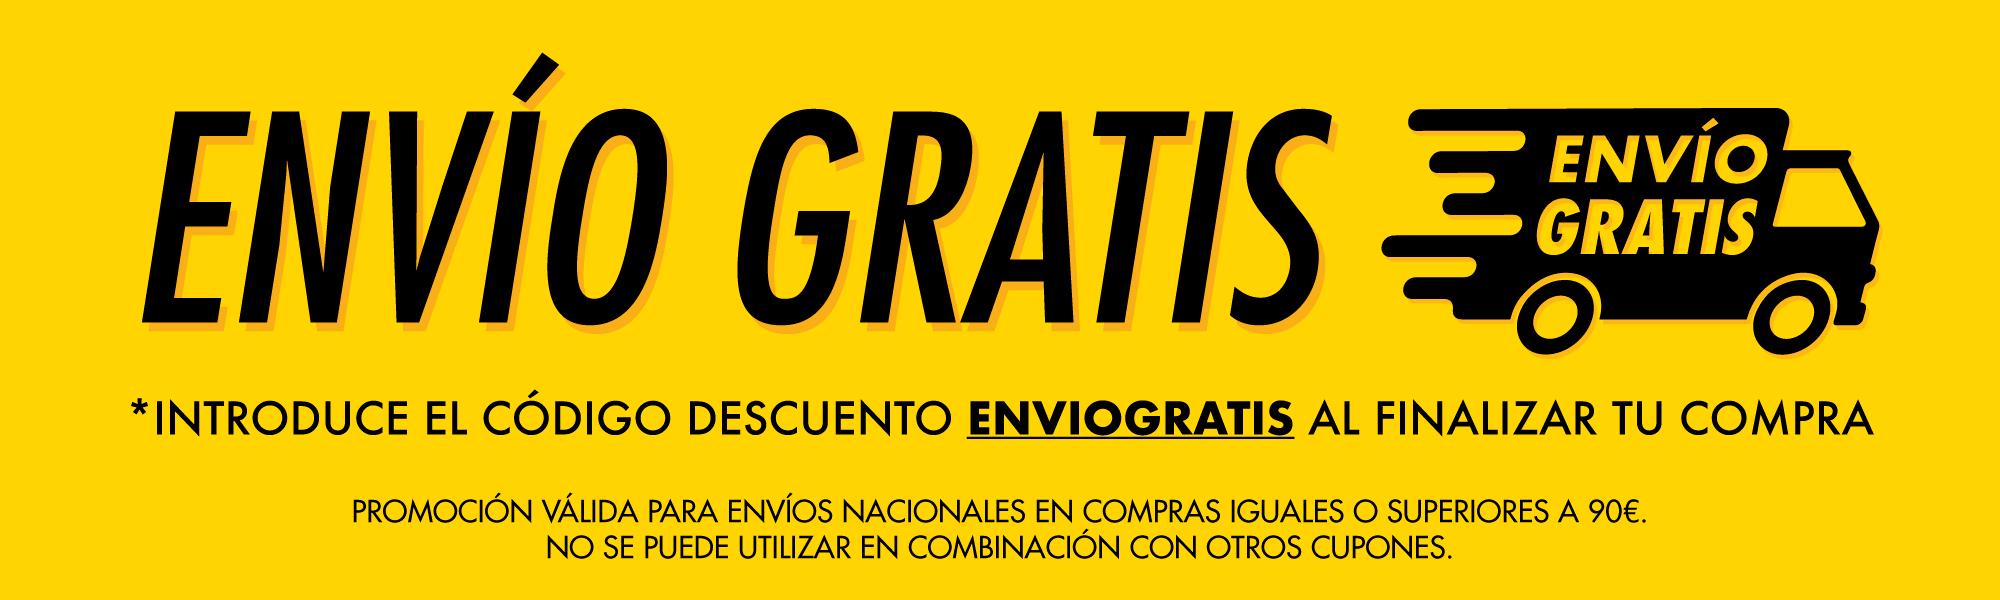 slide-envio-gratis-90-2